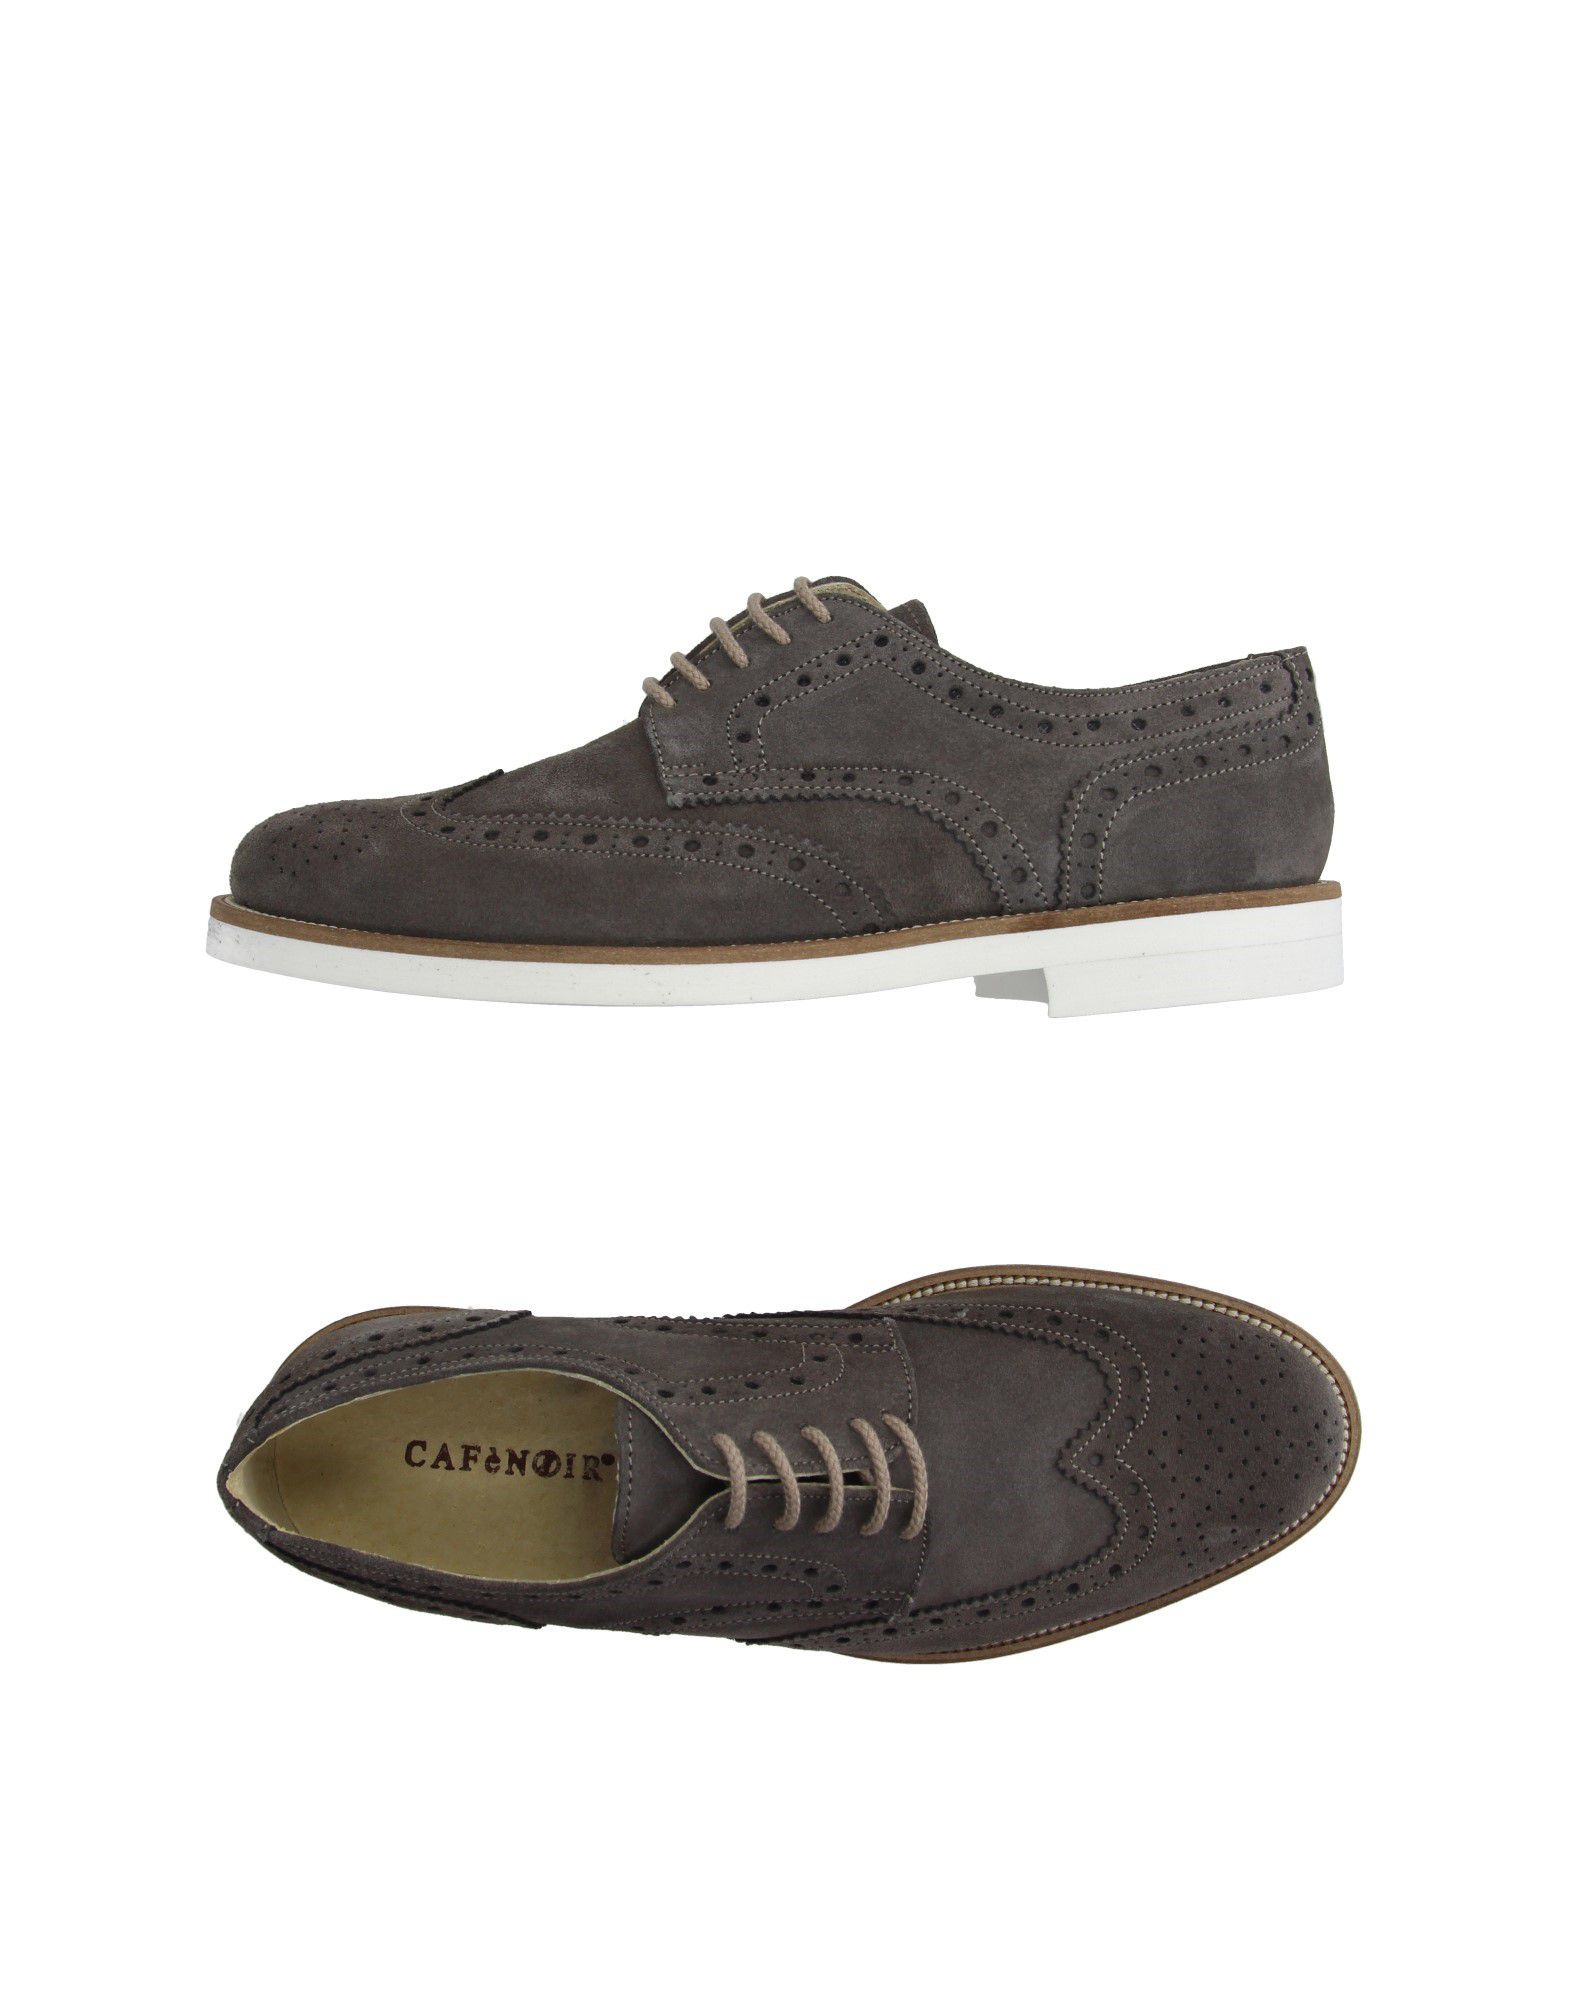 CAFèNOIR Обувь на шнурках первый внутри обувь обувь обувь обувь обувь обувь обувь обувь обувь 8a2549 мужская армия green 40 метров